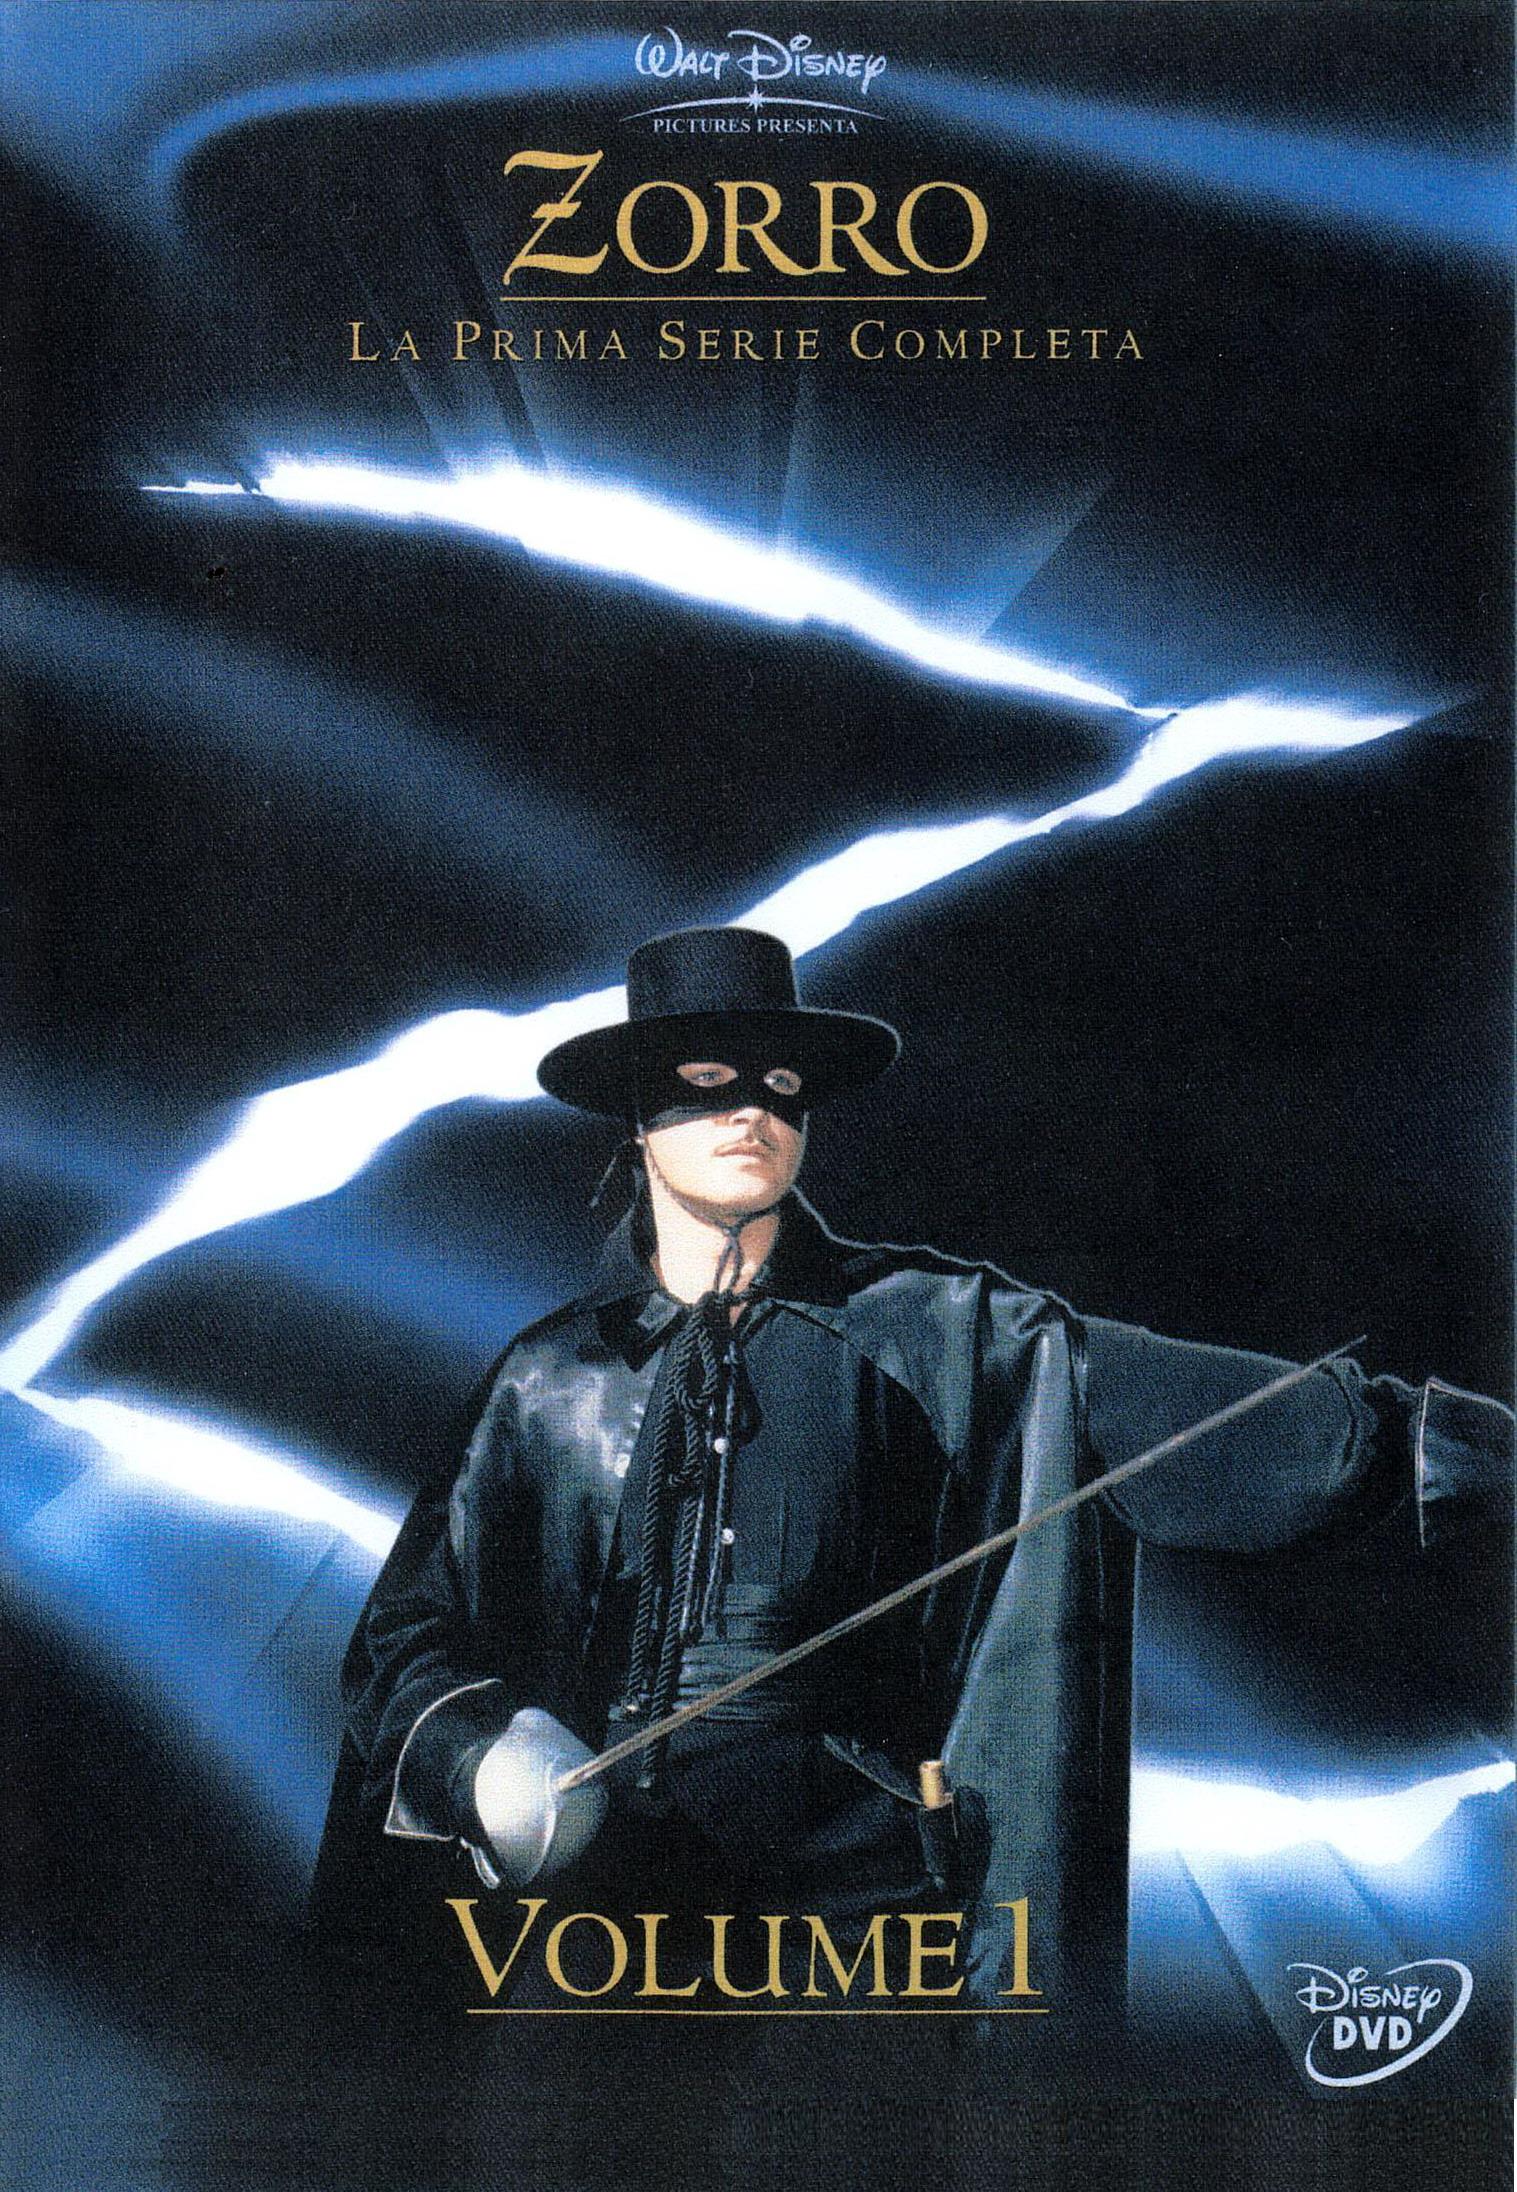 http://st-im.kinopoisk.ru/im/poster/8/6/6/kinopoisk.ru-Zorro-866141--o--.jpg